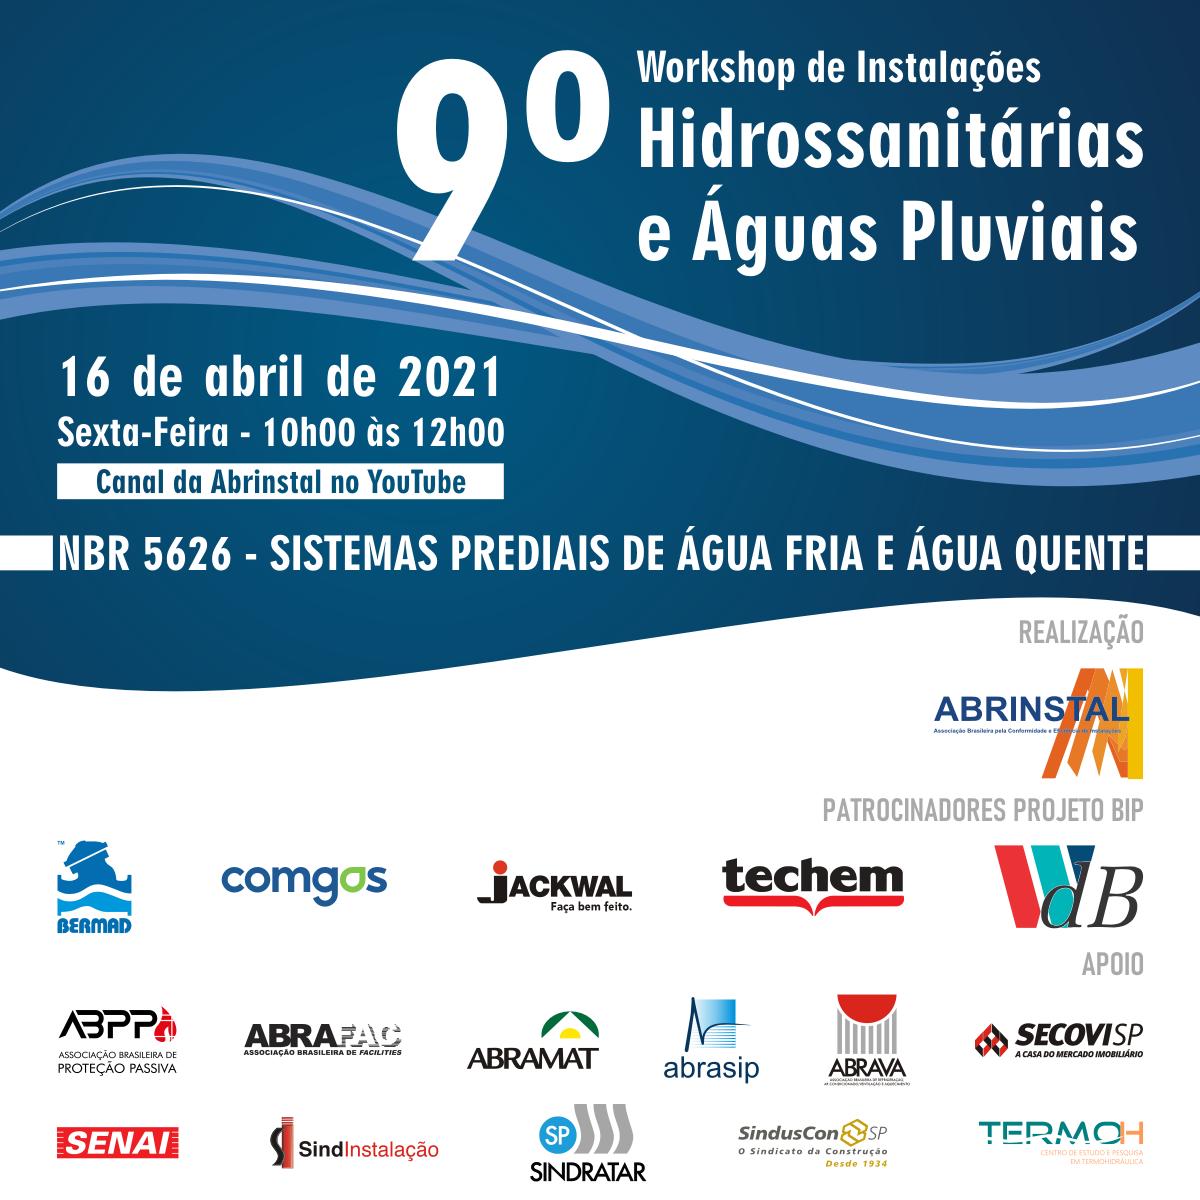 ABRAFAC apoia 9º workshop de Instalações Hidrossanitárias e Águas Pluviais